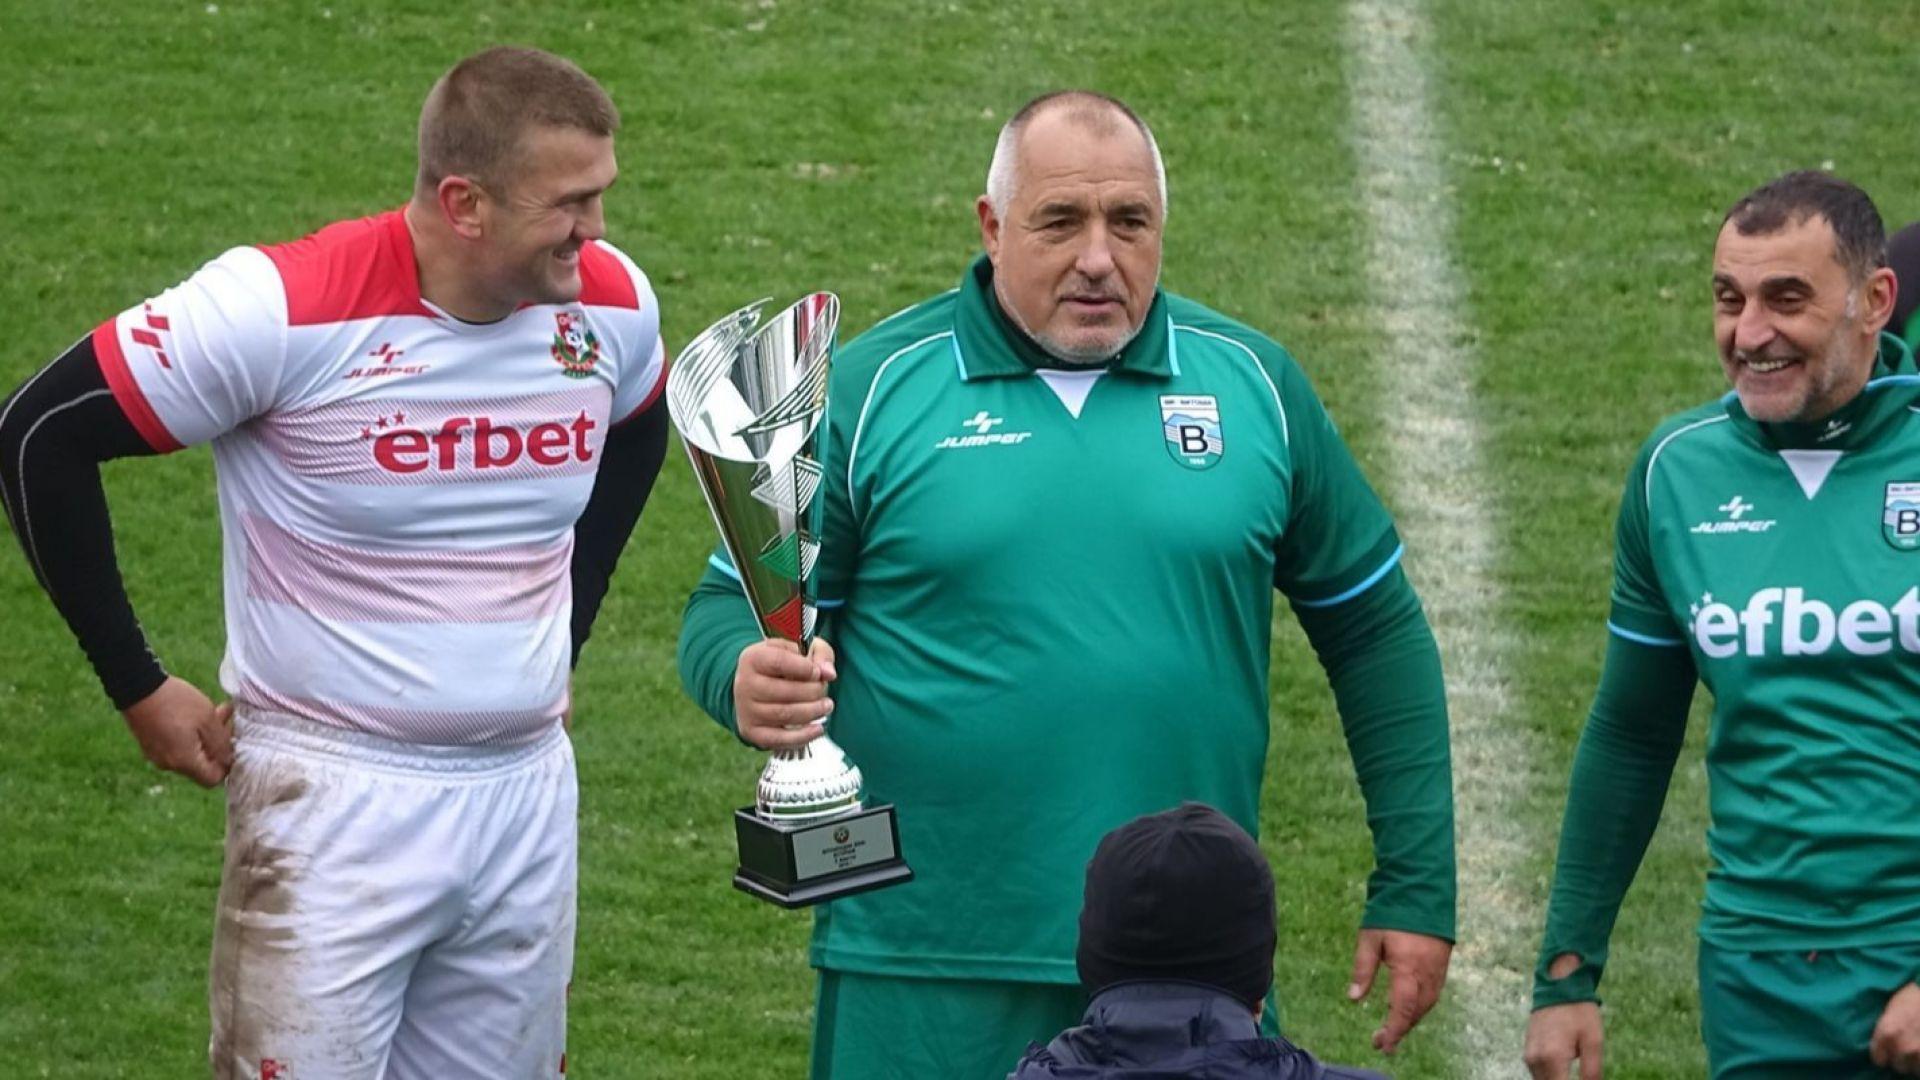 Премиерът Борисов с гол и нов трофей на терена